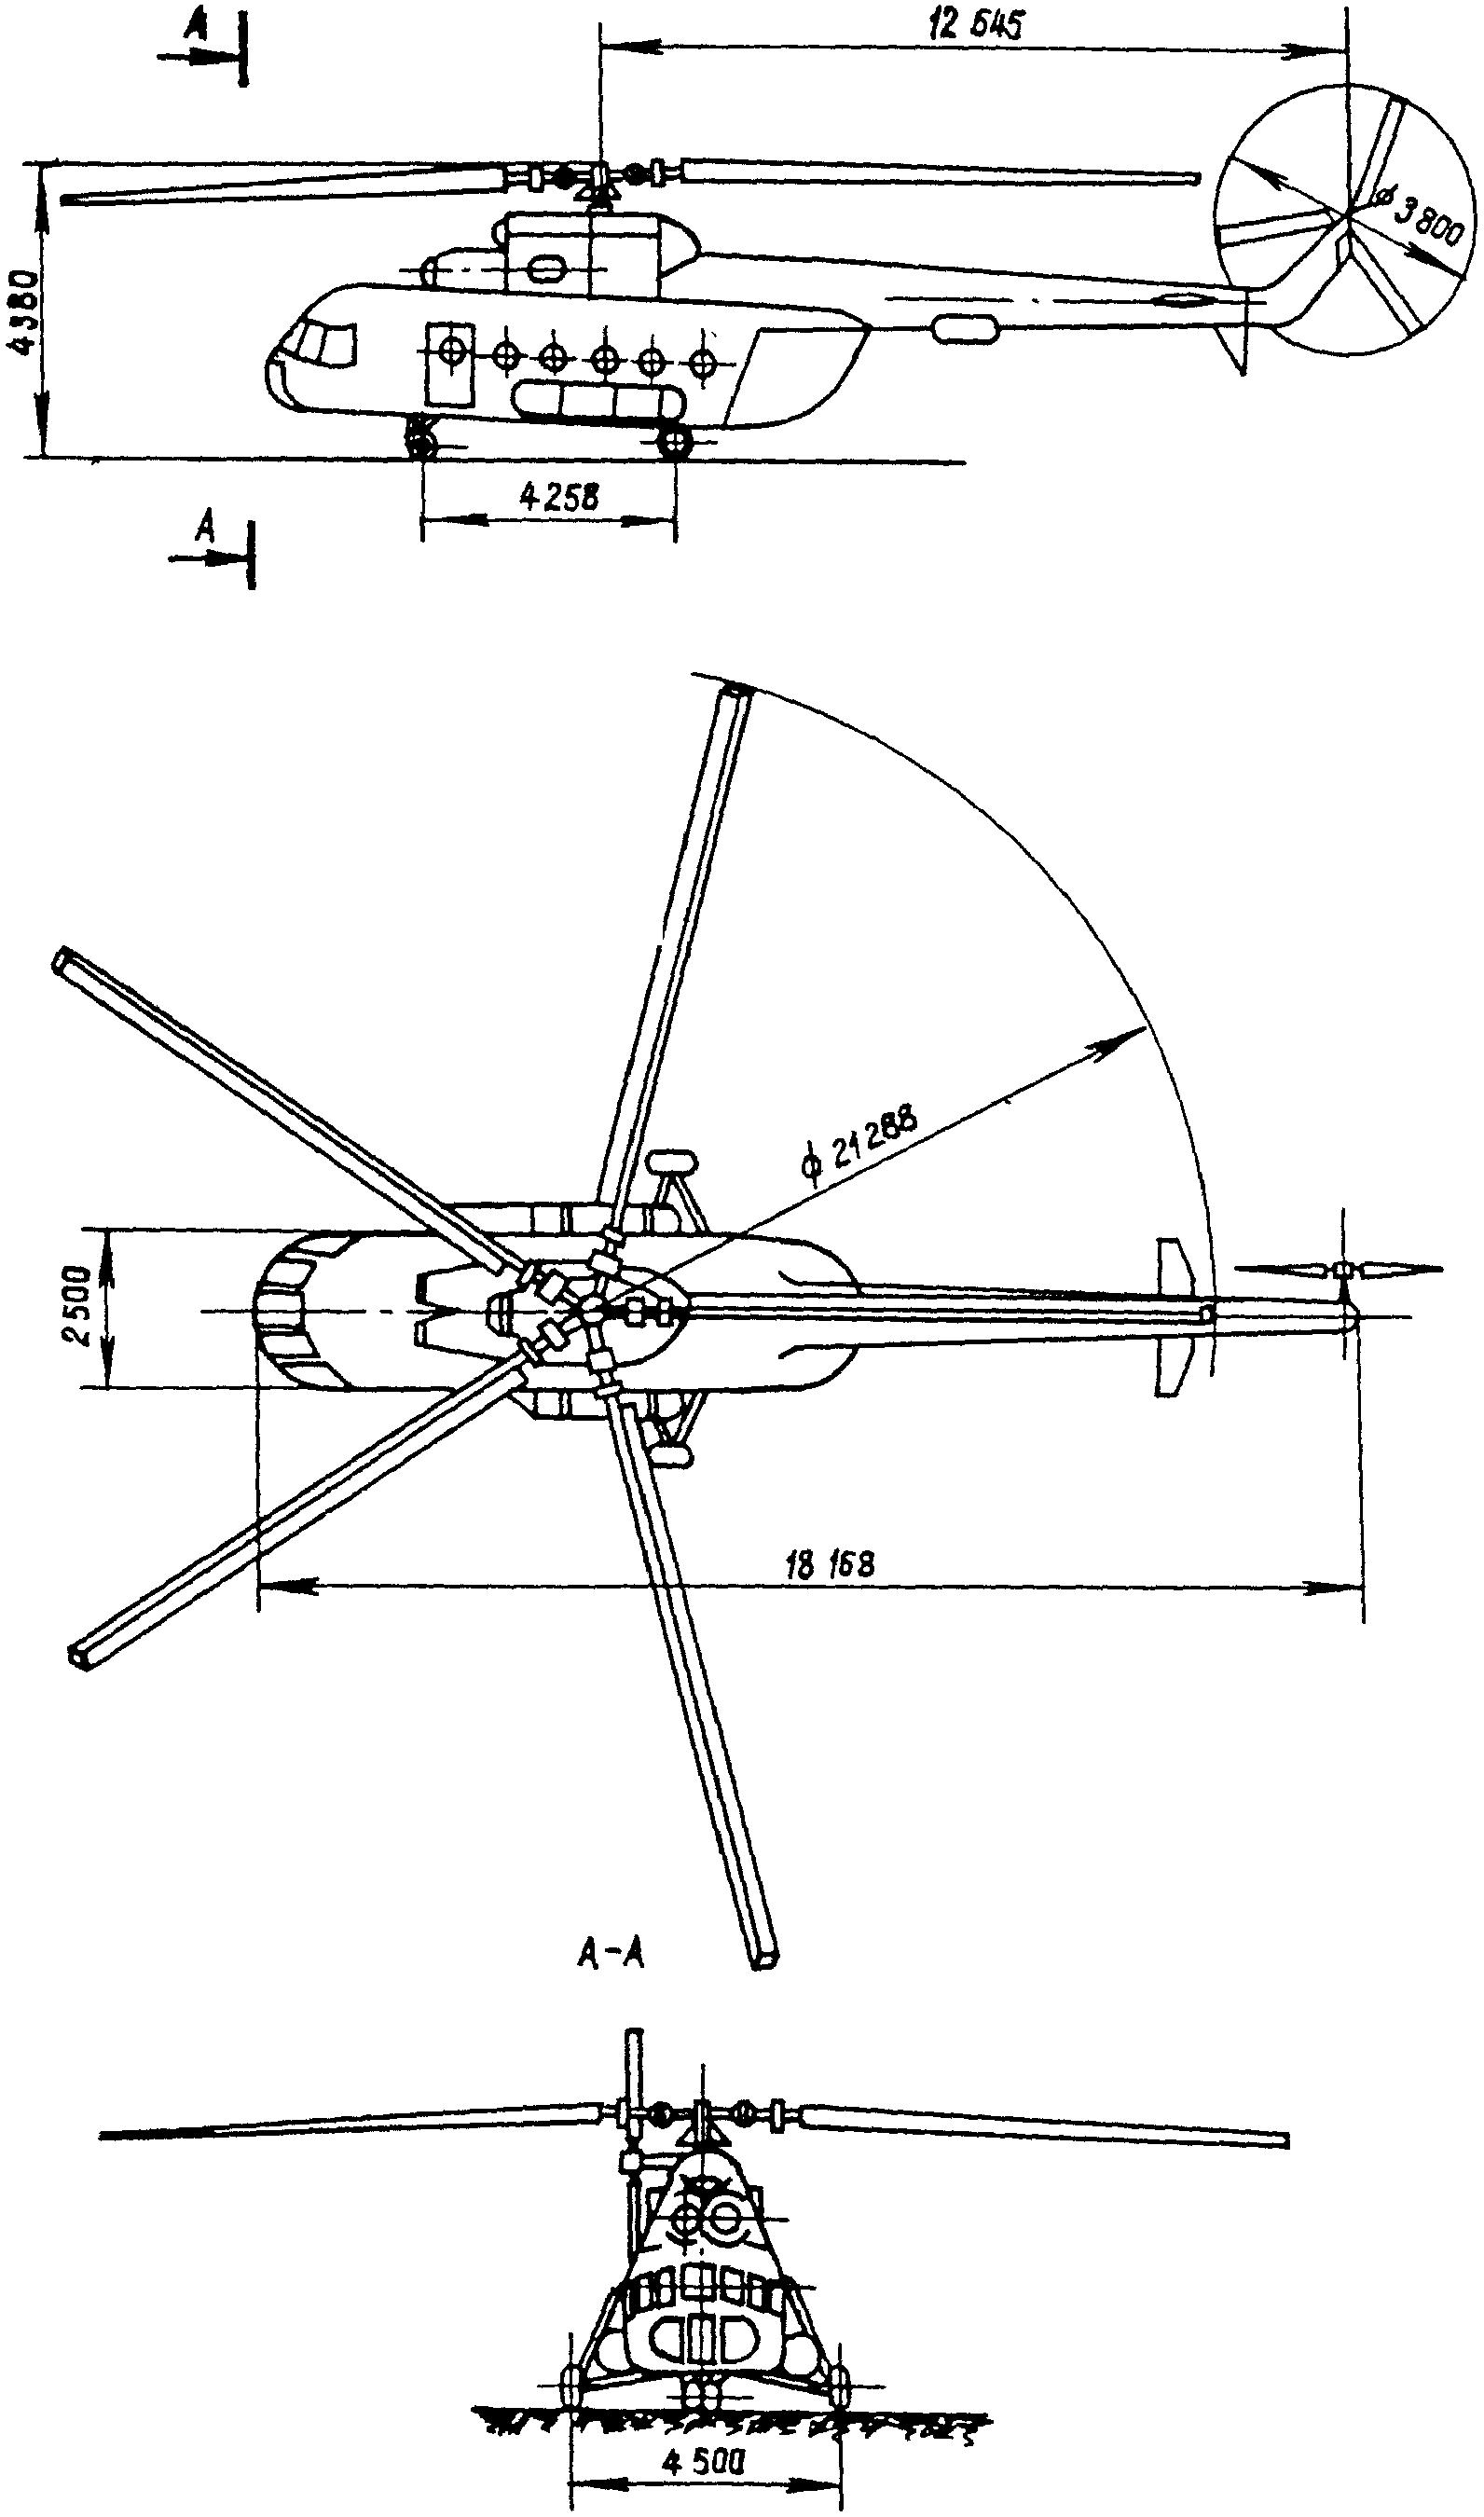 ВСН 463-85. Монтаж строительных конструкций с применением вертолетов